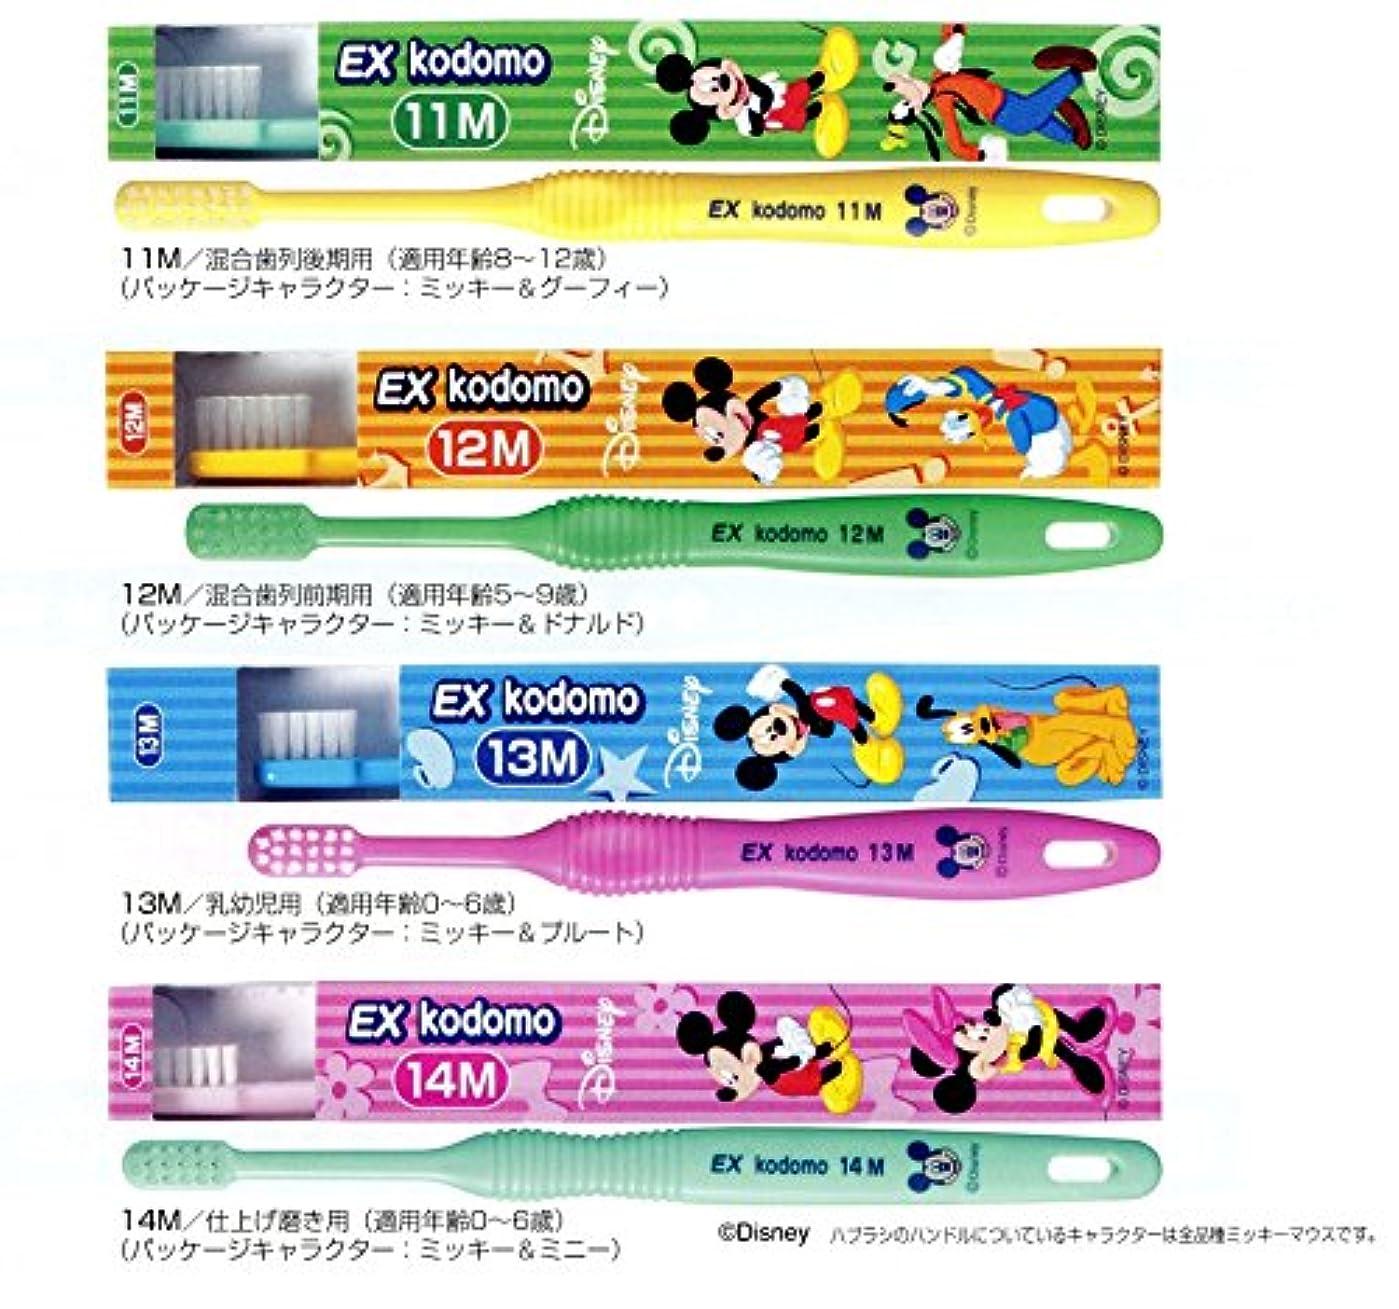 ばか変わる成り立つライオン コドモ ディズニー DENT.EX kodomo Disney 1本 14M ブルー (仕上げ磨き用?0?6歳)